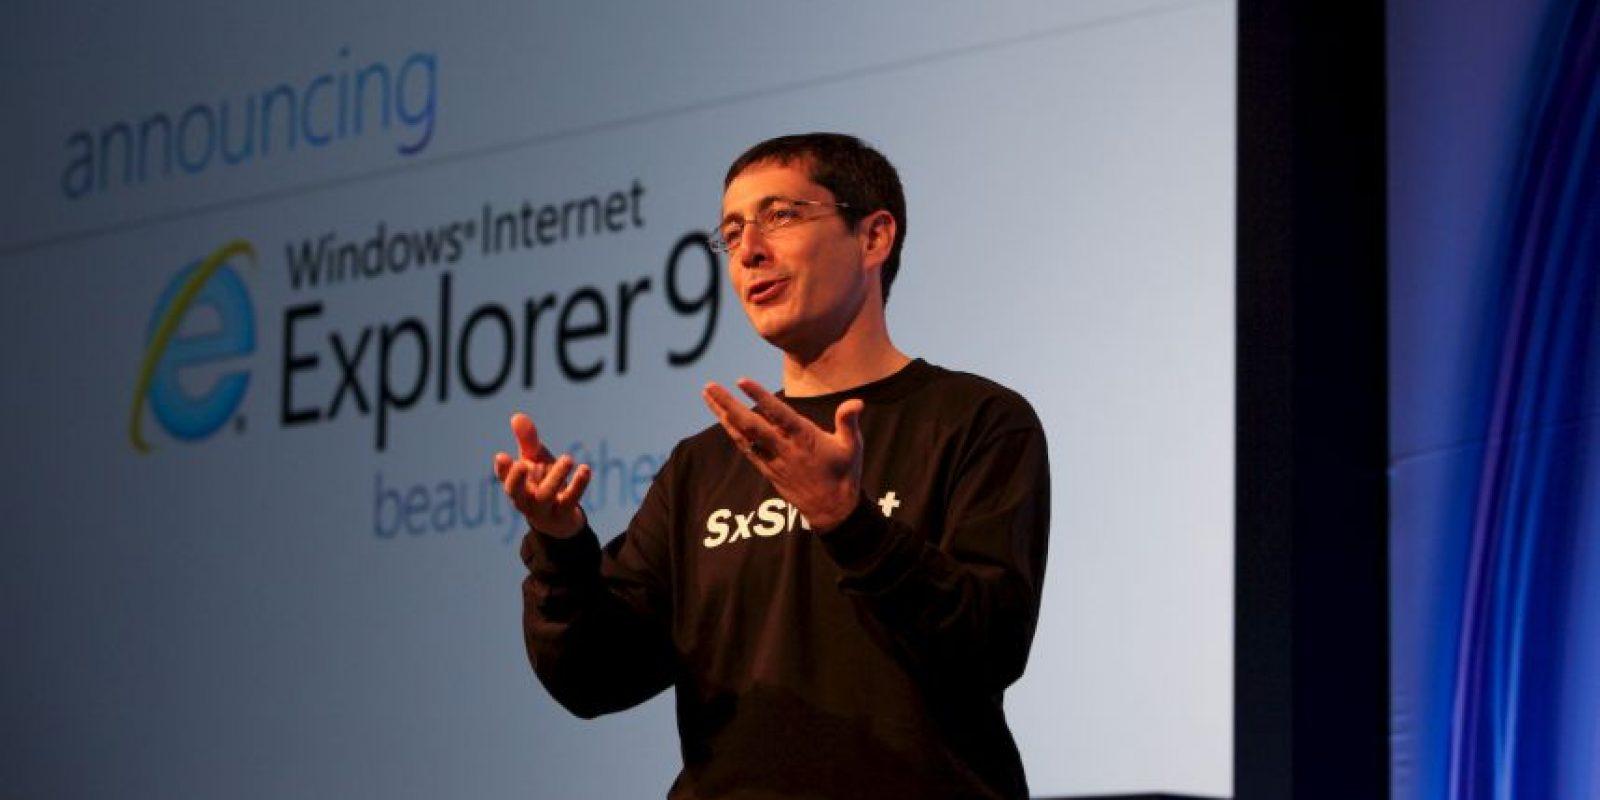 Las últimas versiones del Internet Explorer nunca terminaron por cumplir lo exigido por los usuarios para navegar en internet. Foto:Getty